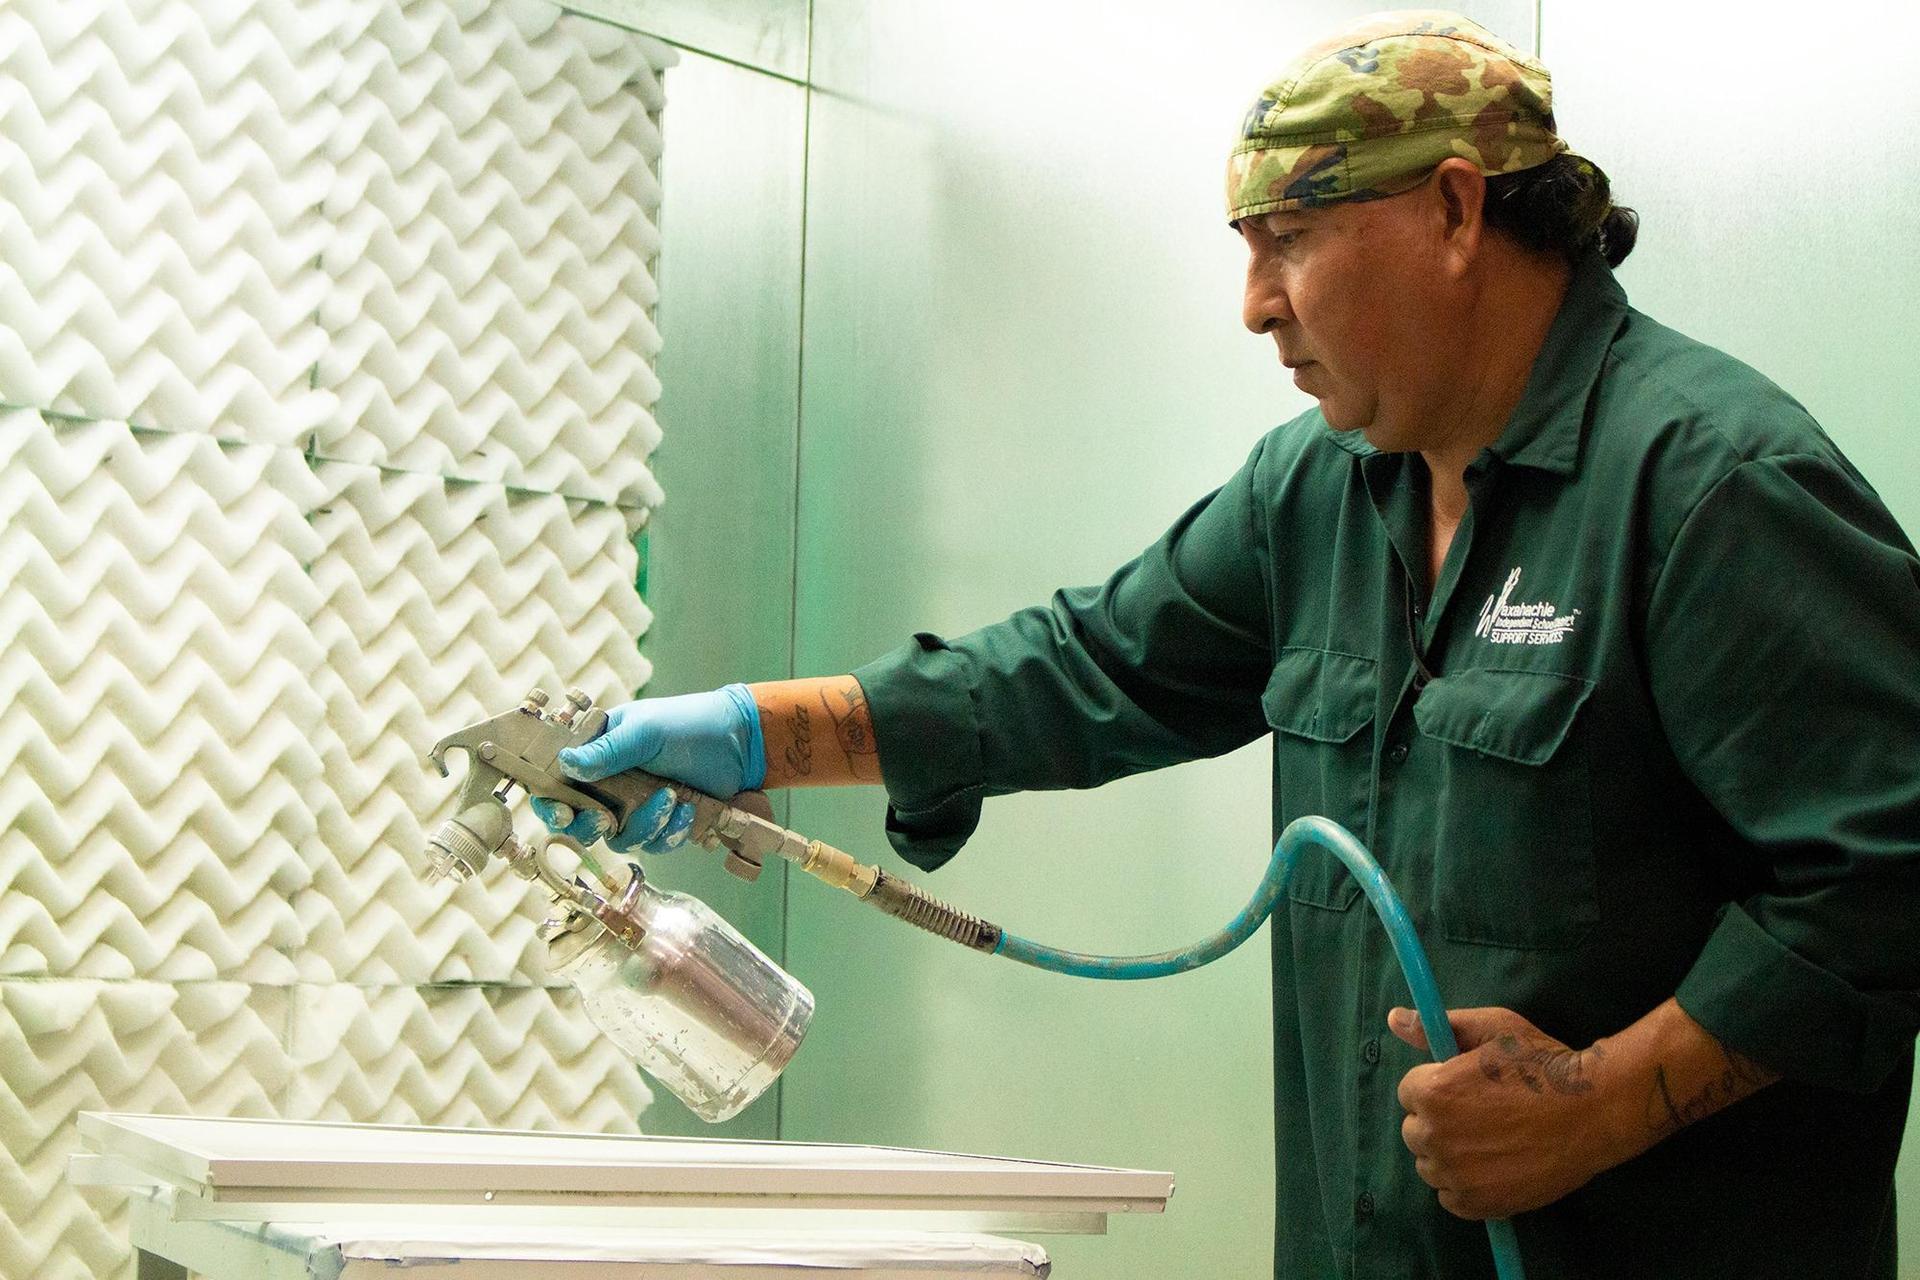 man spray painting